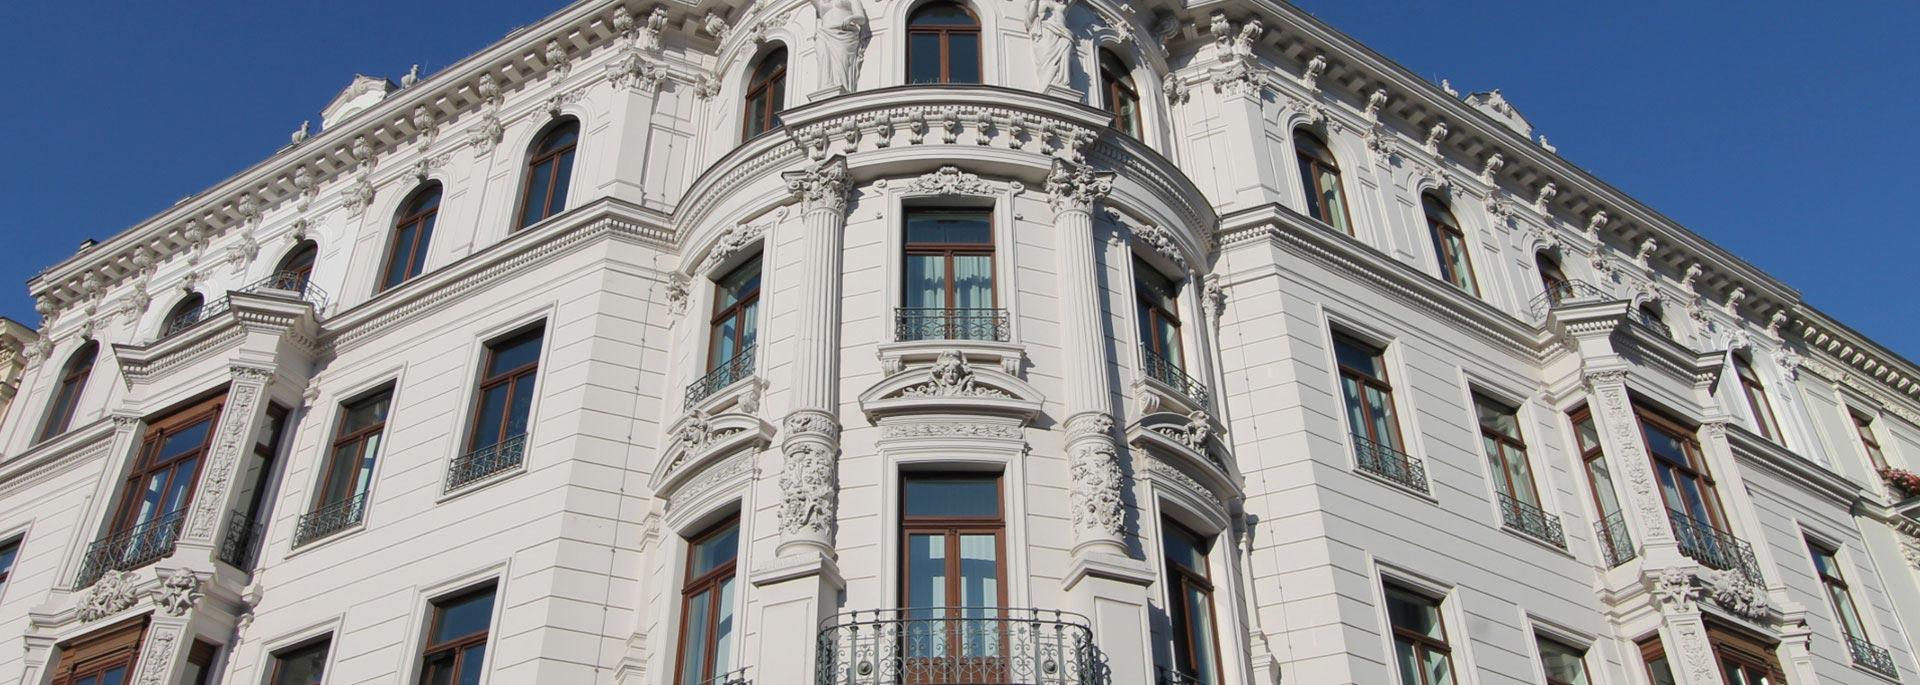 der IMMOBILIENMakler - Hausfassade